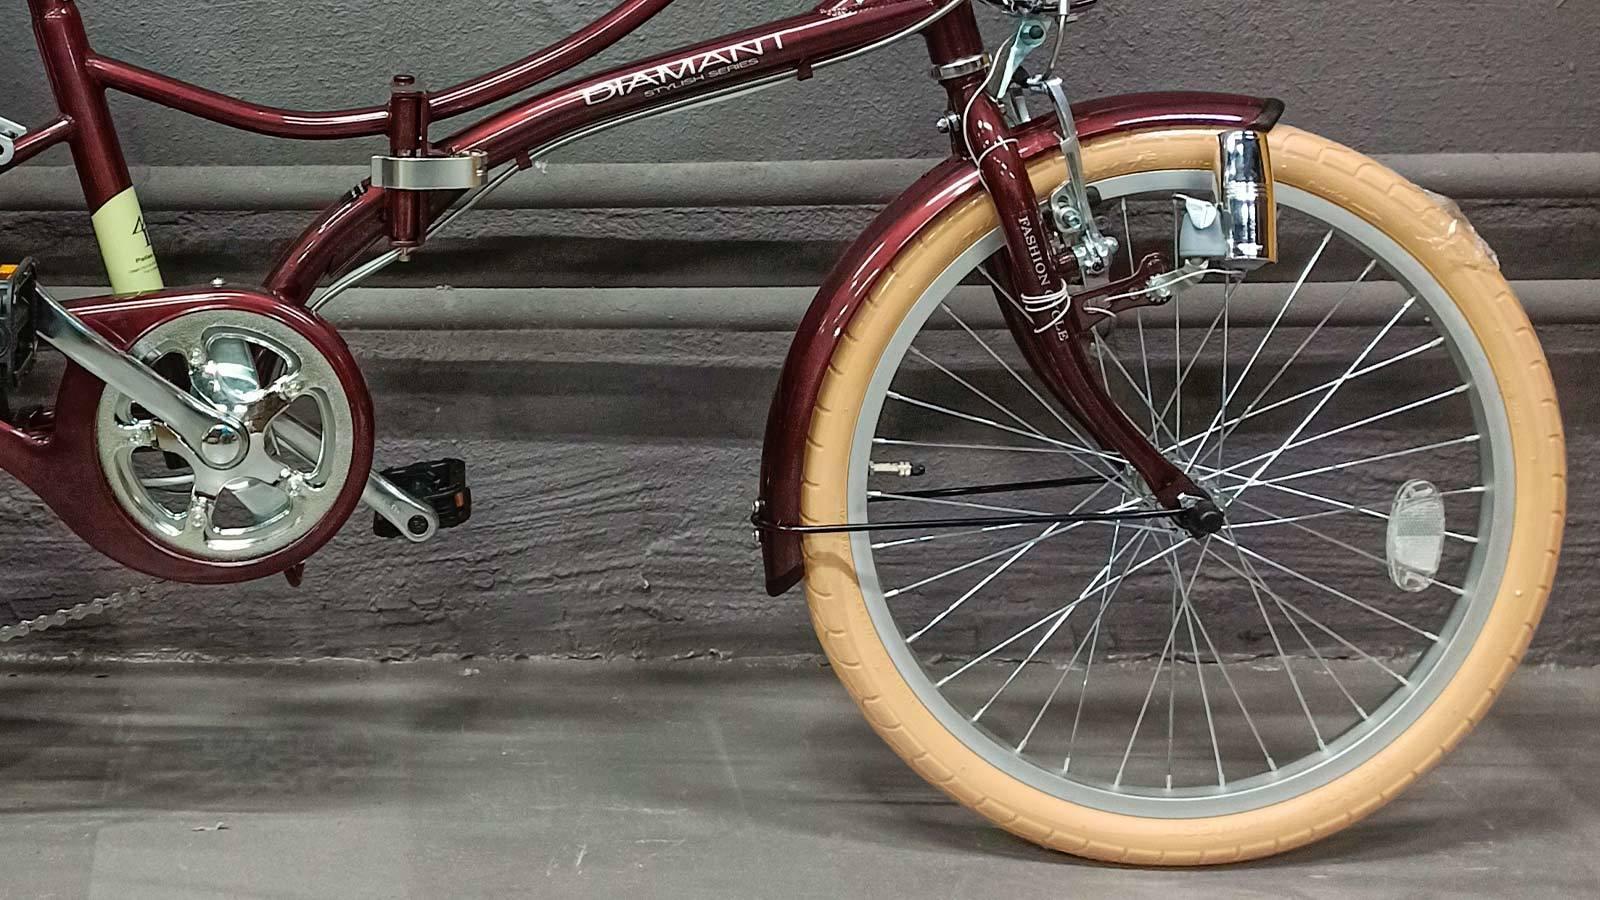 переднее колесо и педаль городского велосипеда